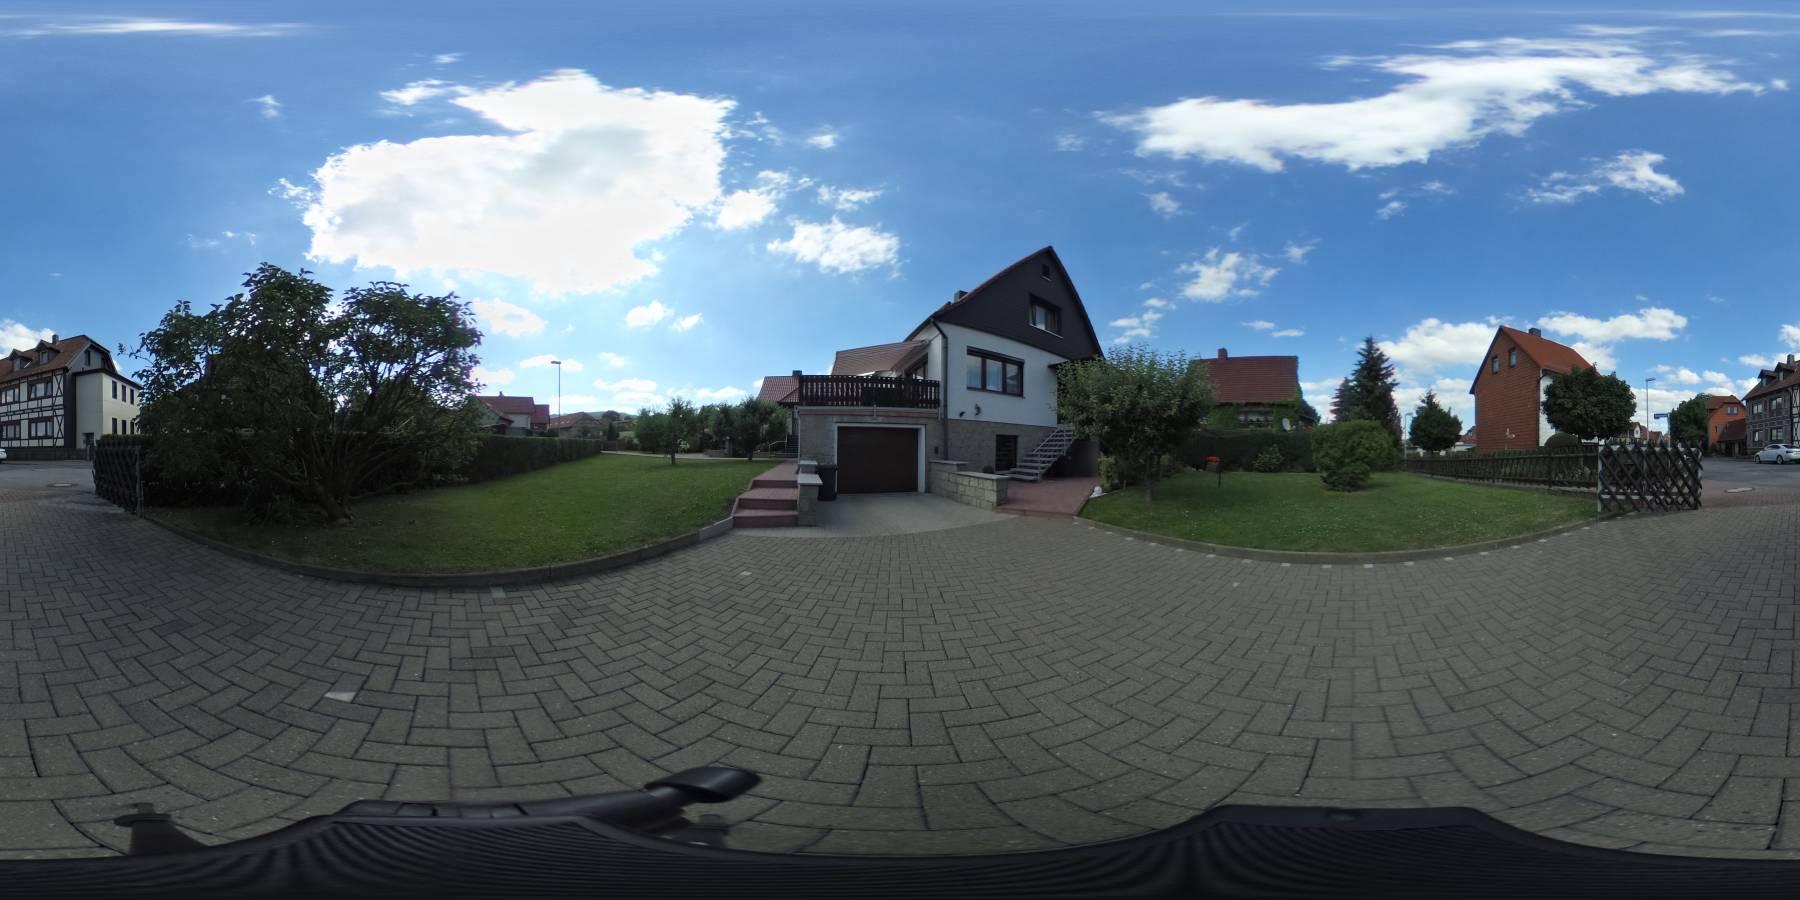 RESERVIERT - Modernisiertes Einfamilienhaus in Ilsenburg zu verkaufen. 360 Grad